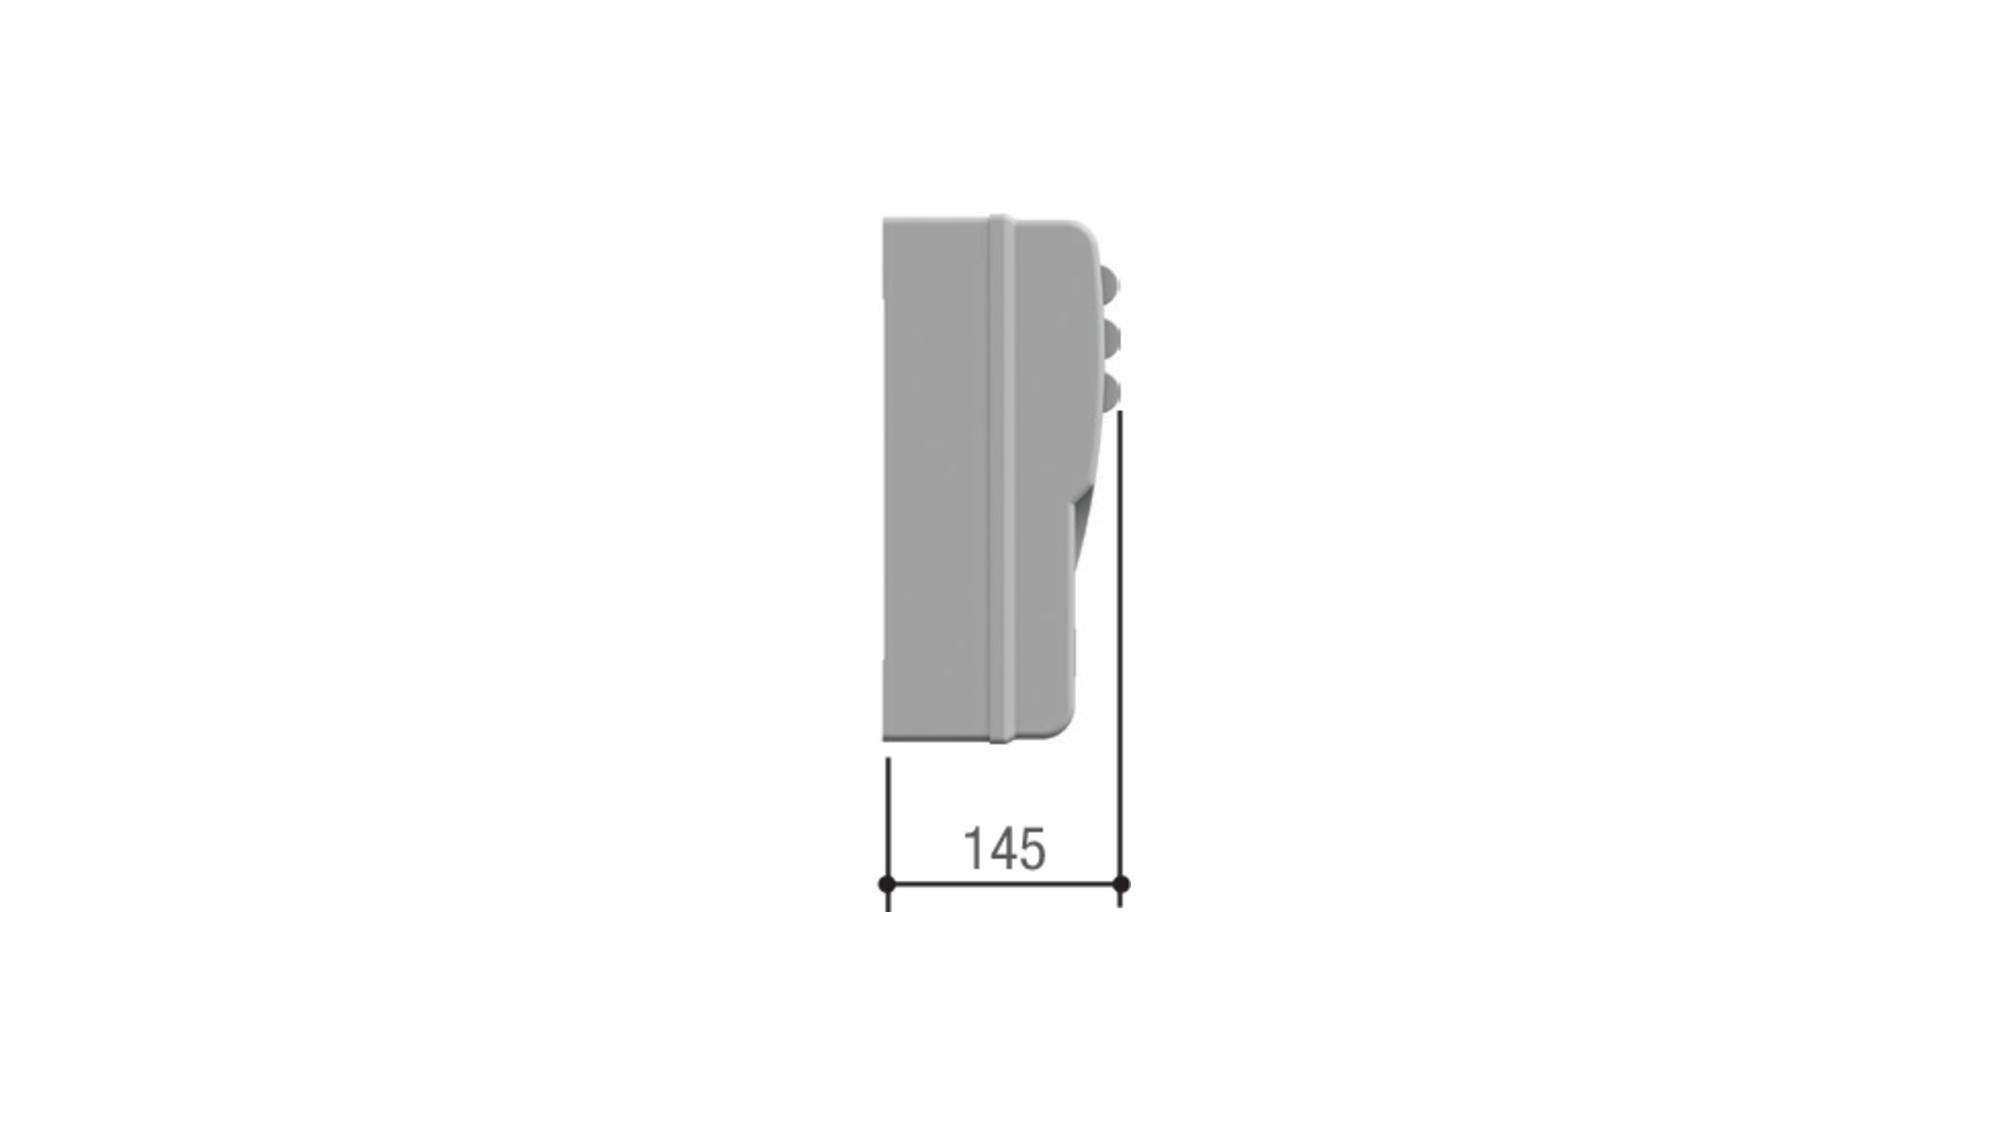 CAME 002LB18 — cистема аварийного питания в корпусе для подключения и зарядки аккумуляторов